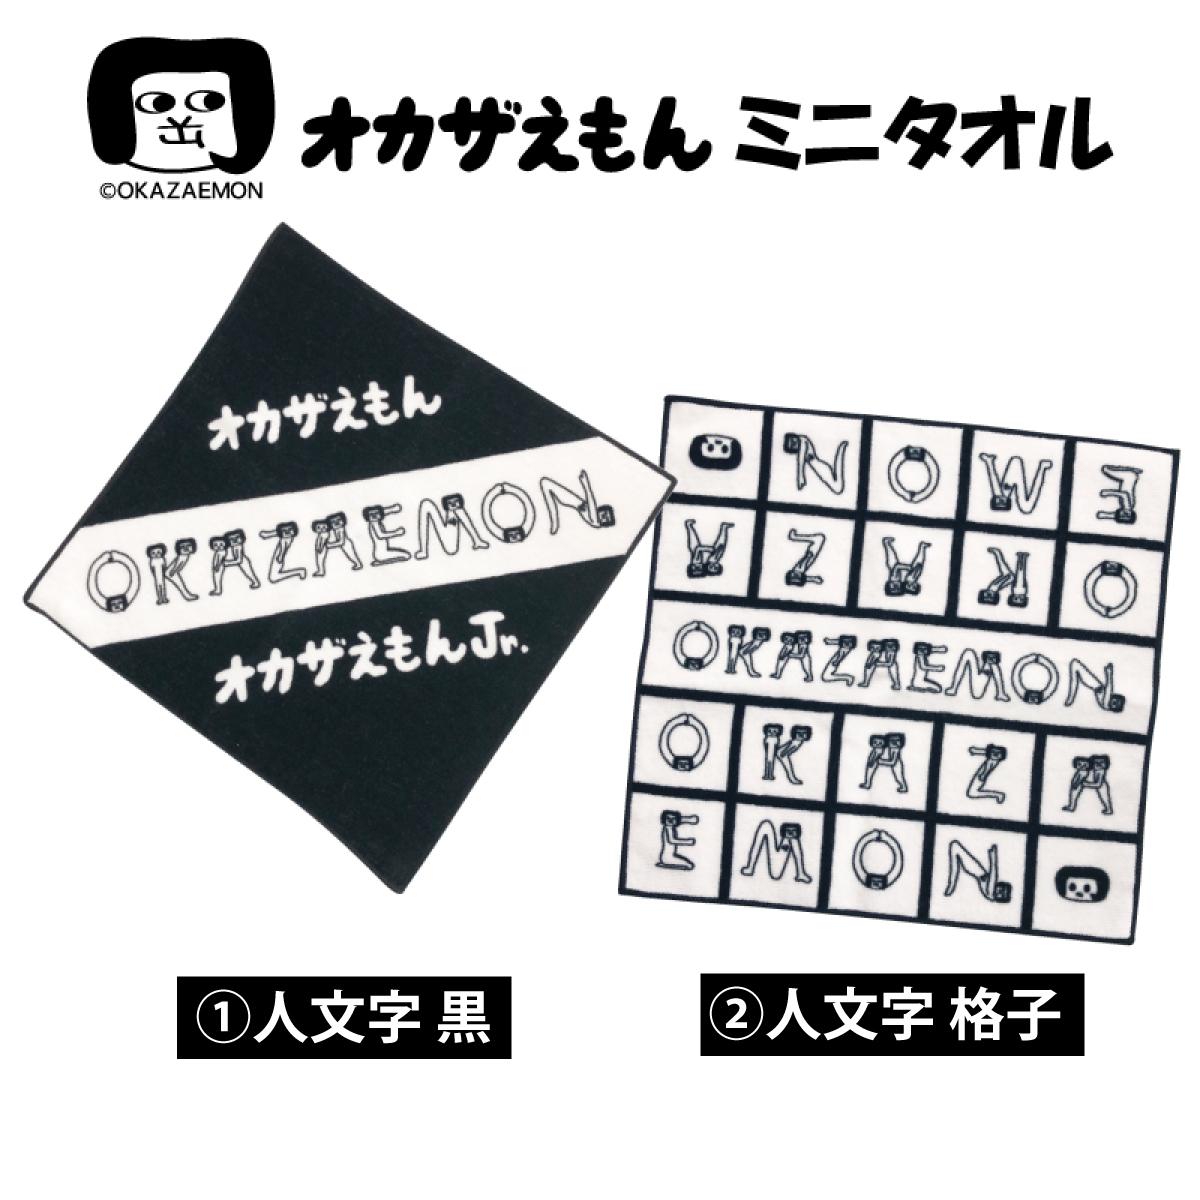 オカザえもん ミニタオル 全2種 【メール便可】